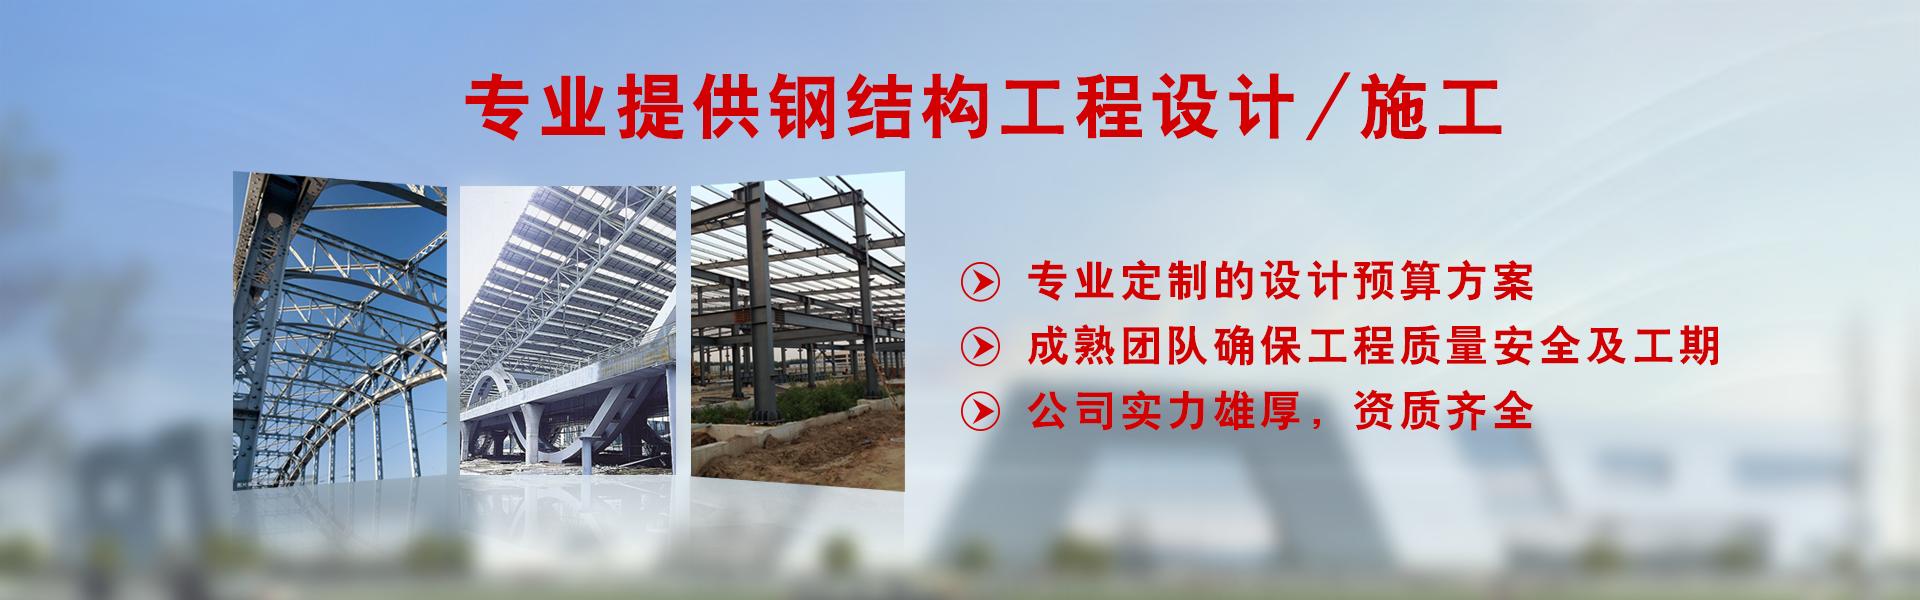 周口钢结构设计安装施工